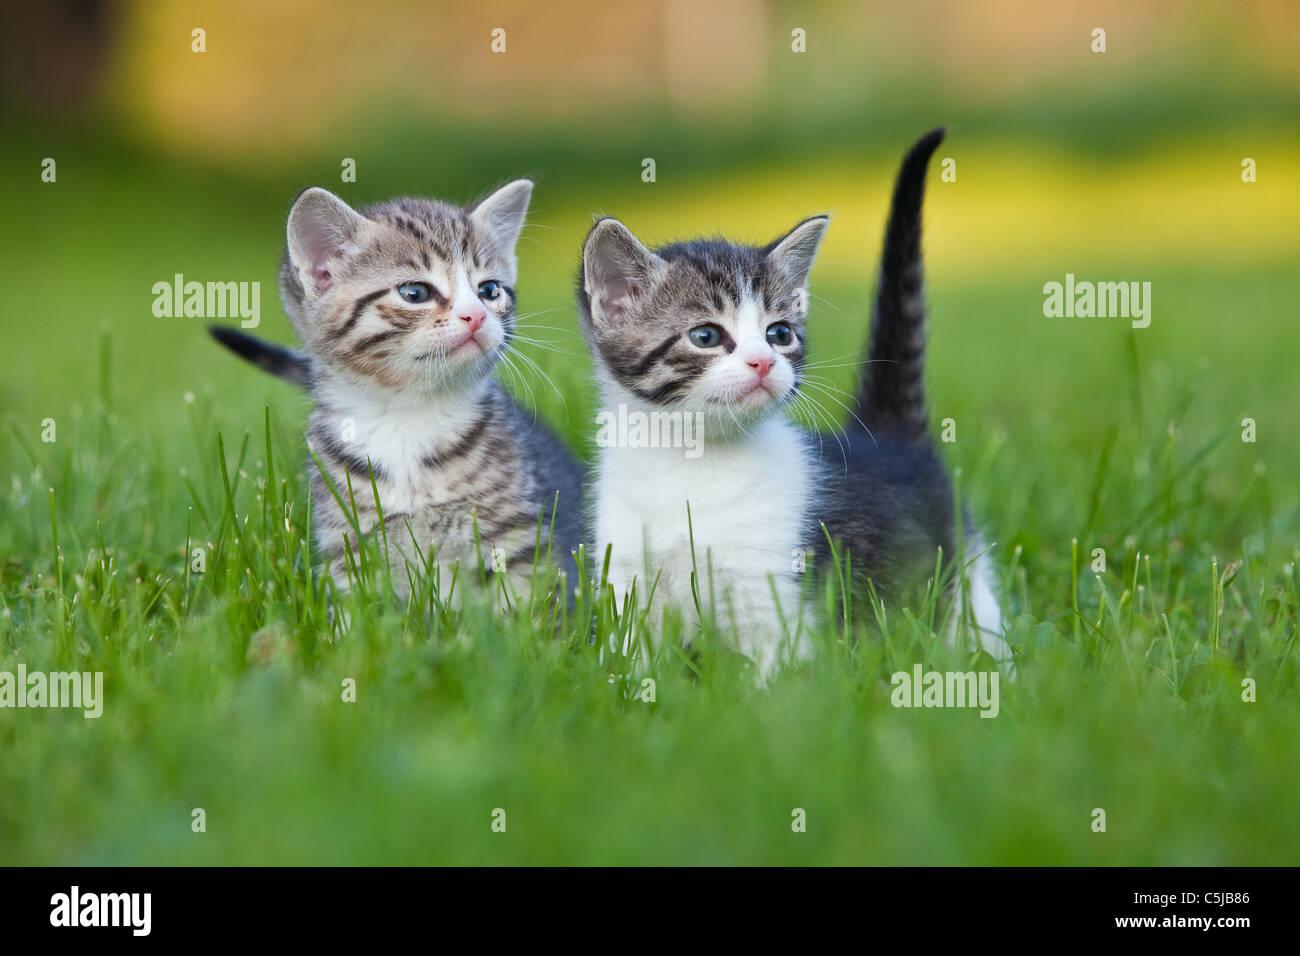 lovely kitten kitties Stock Royalty Free Image